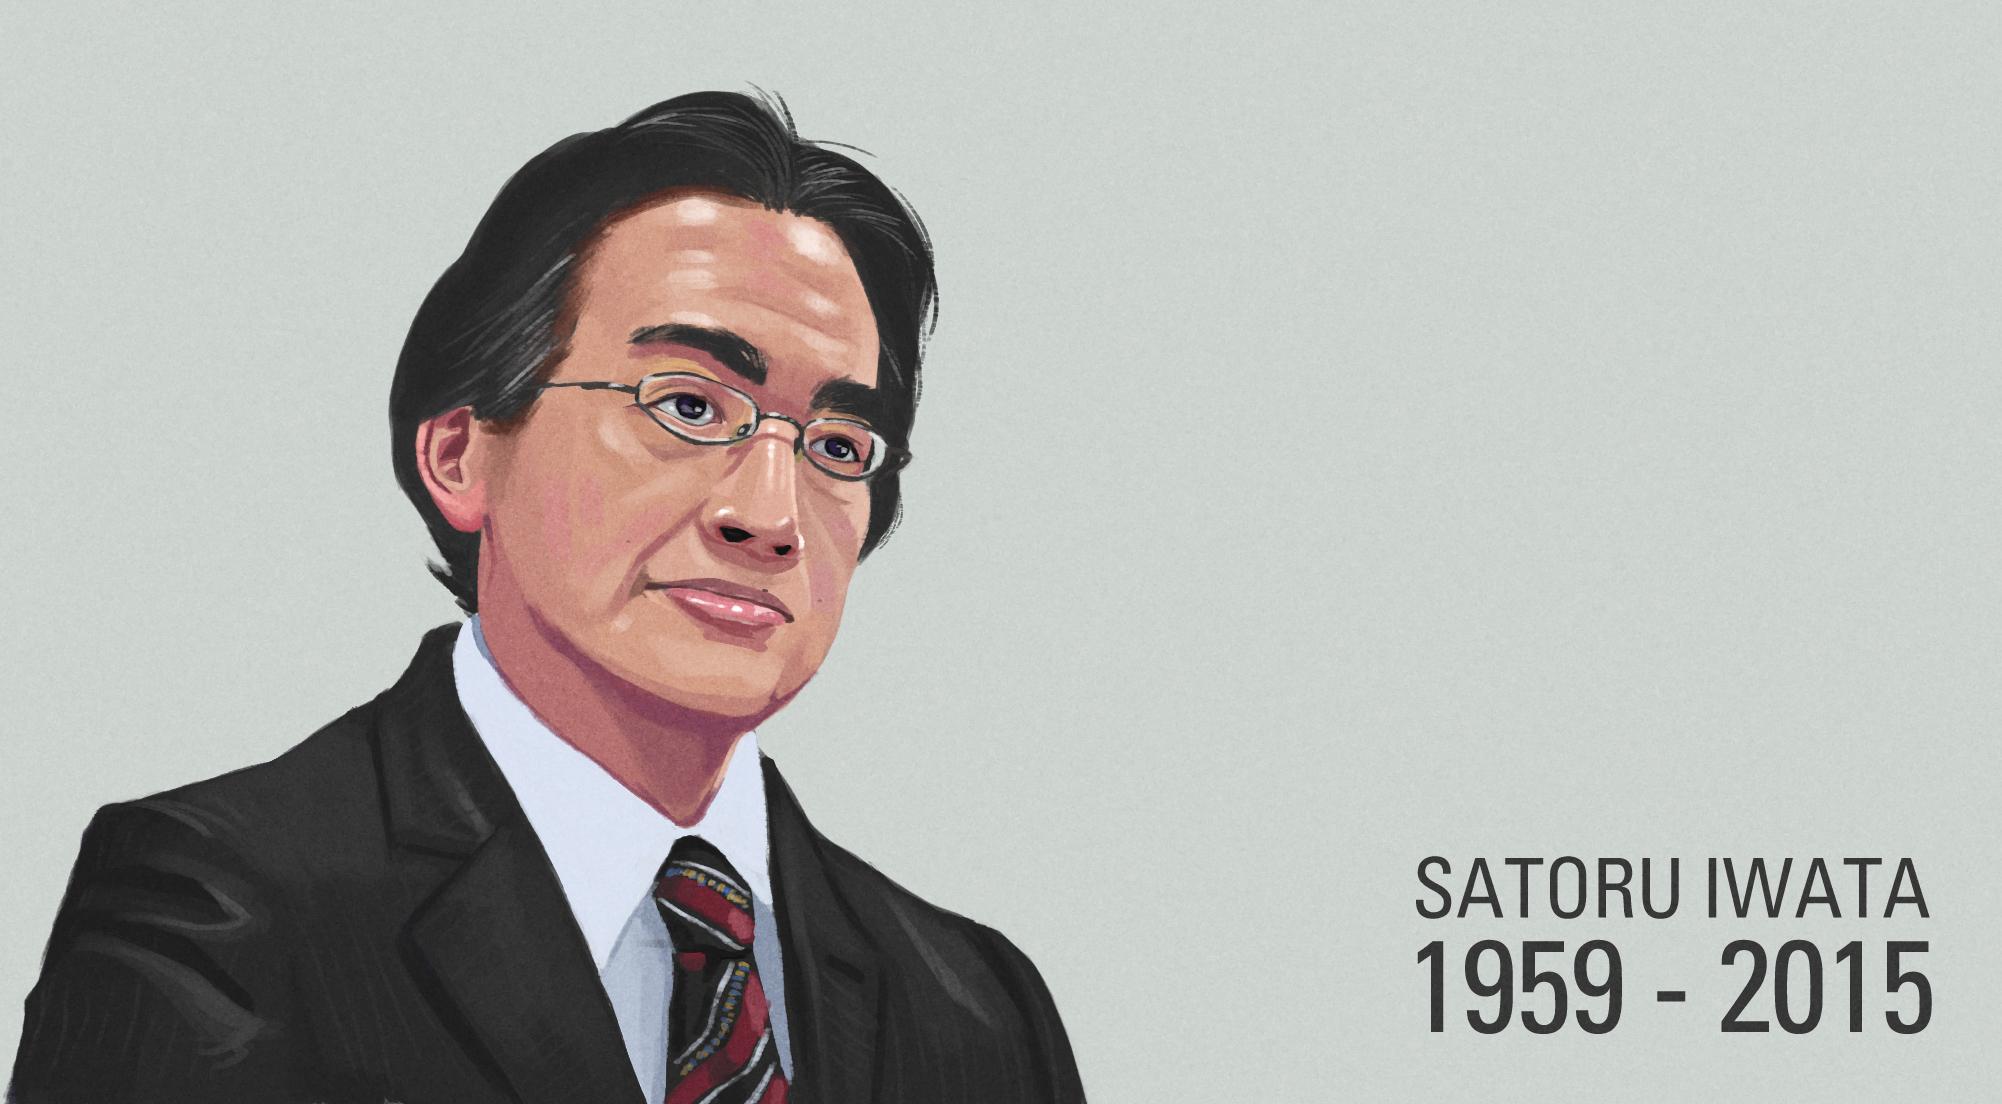 Thank You Mr. Iwata